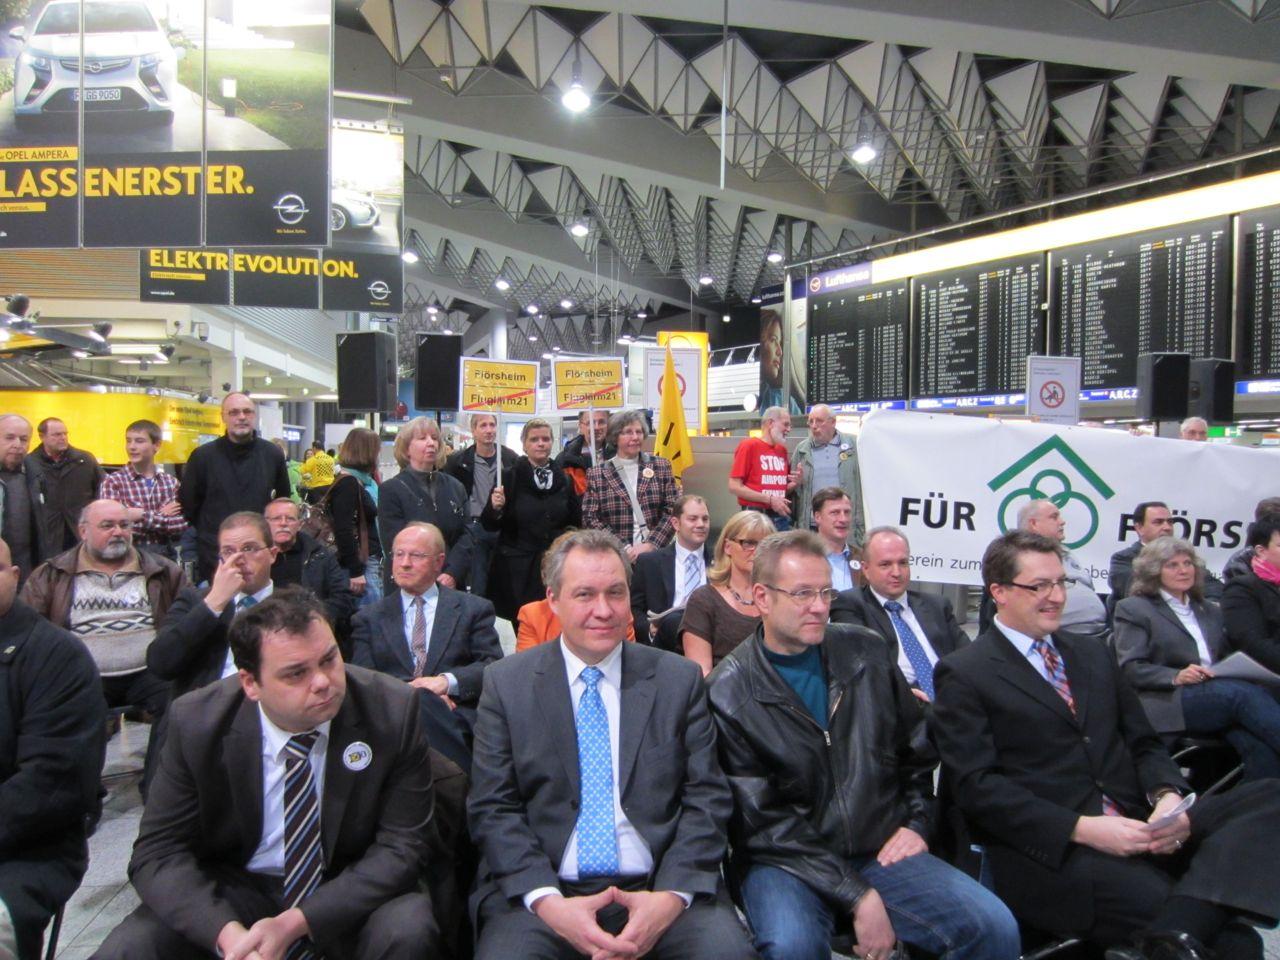 Stadtverordnetenversammlung am Frankfurter Flughafen